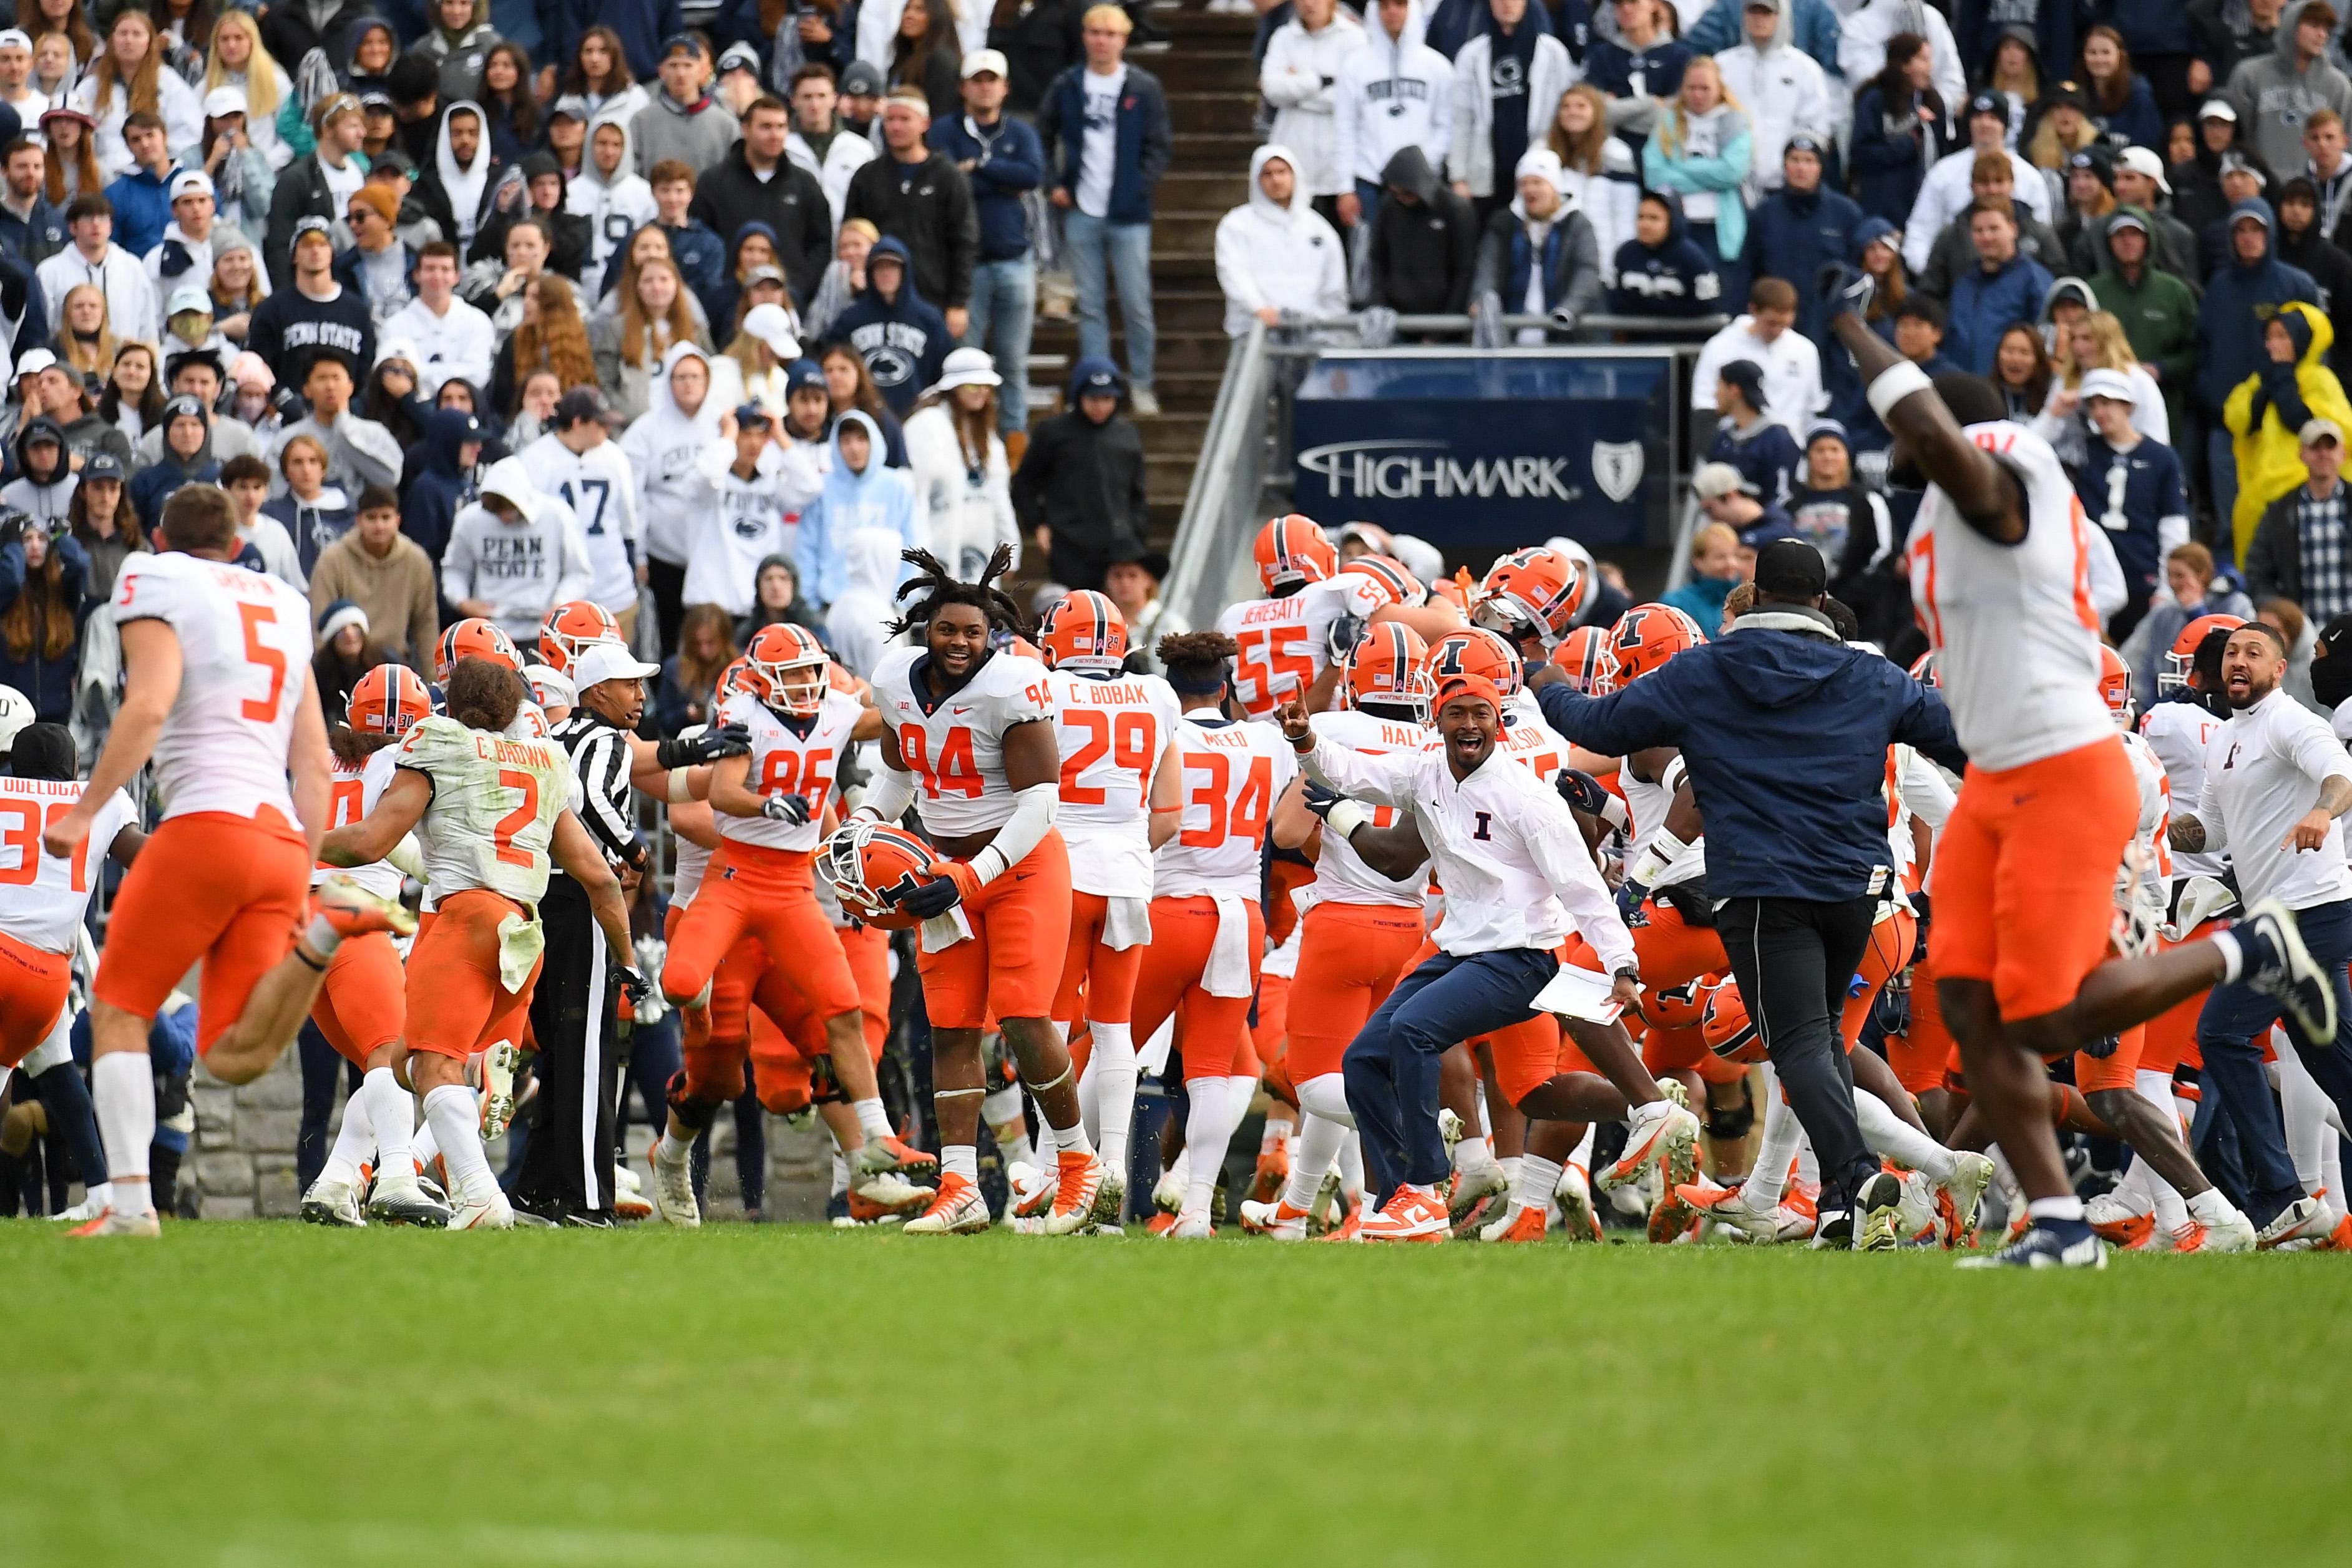 NCAA Football: Illinois at Penn State